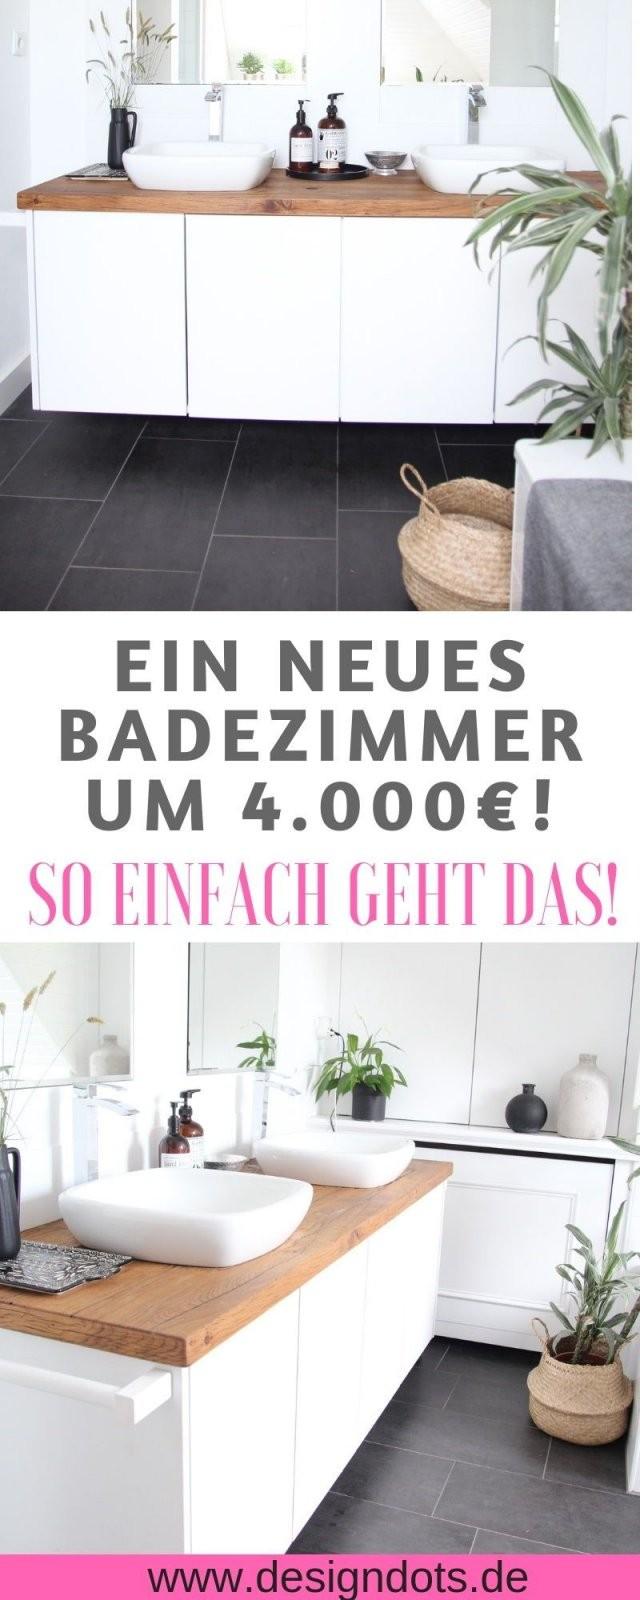 Badezimmer Selbst Renovieren Vorhernachher  Bad Ideen Deko von Bad Selber Renovieren Kosten Photo